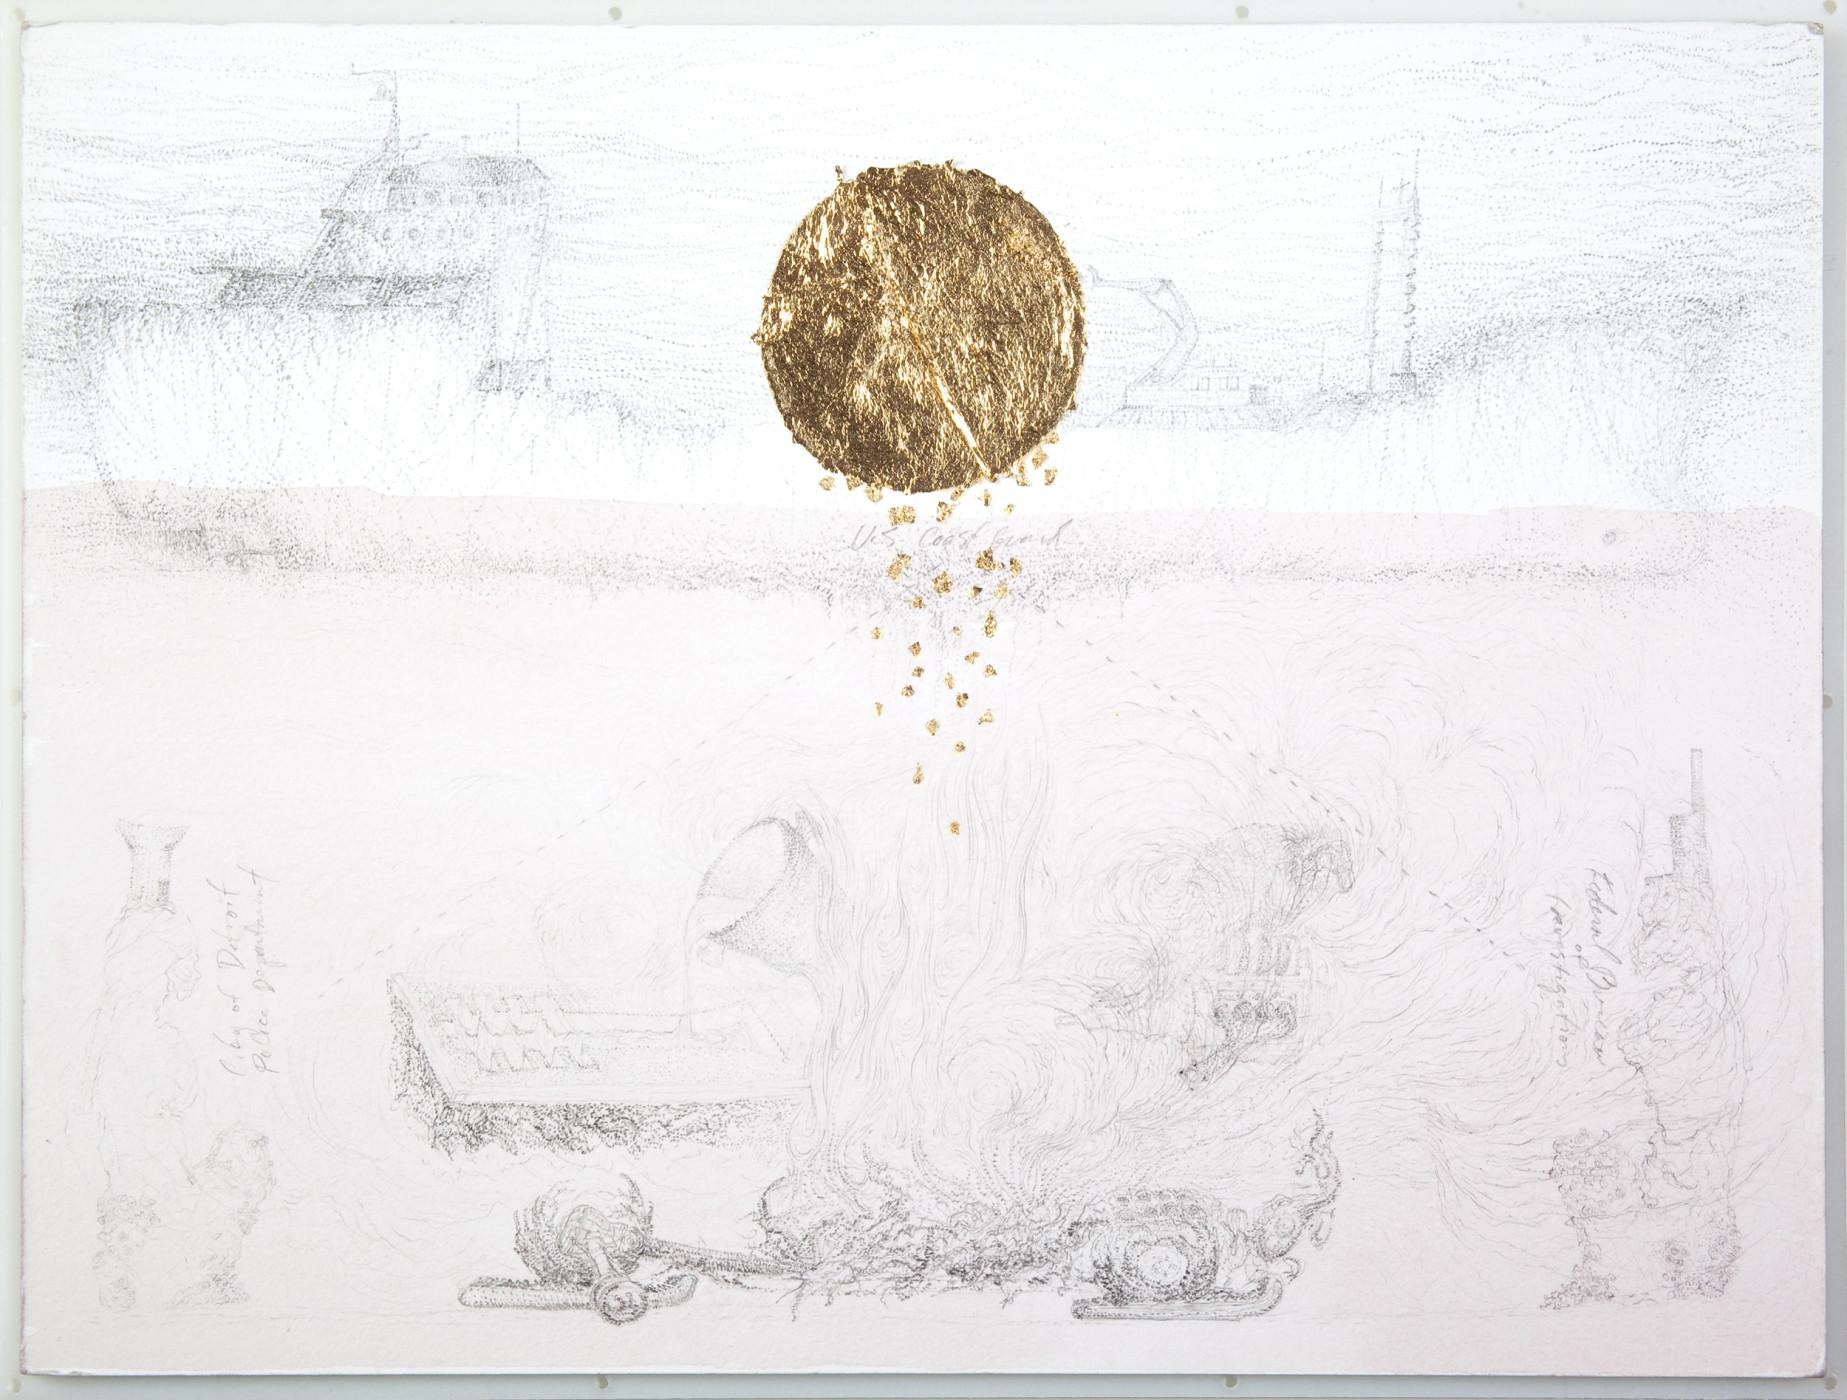 """<div class=""""artwork_caption""""><p>KHU Boat of Ra, 2009</p></div>"""